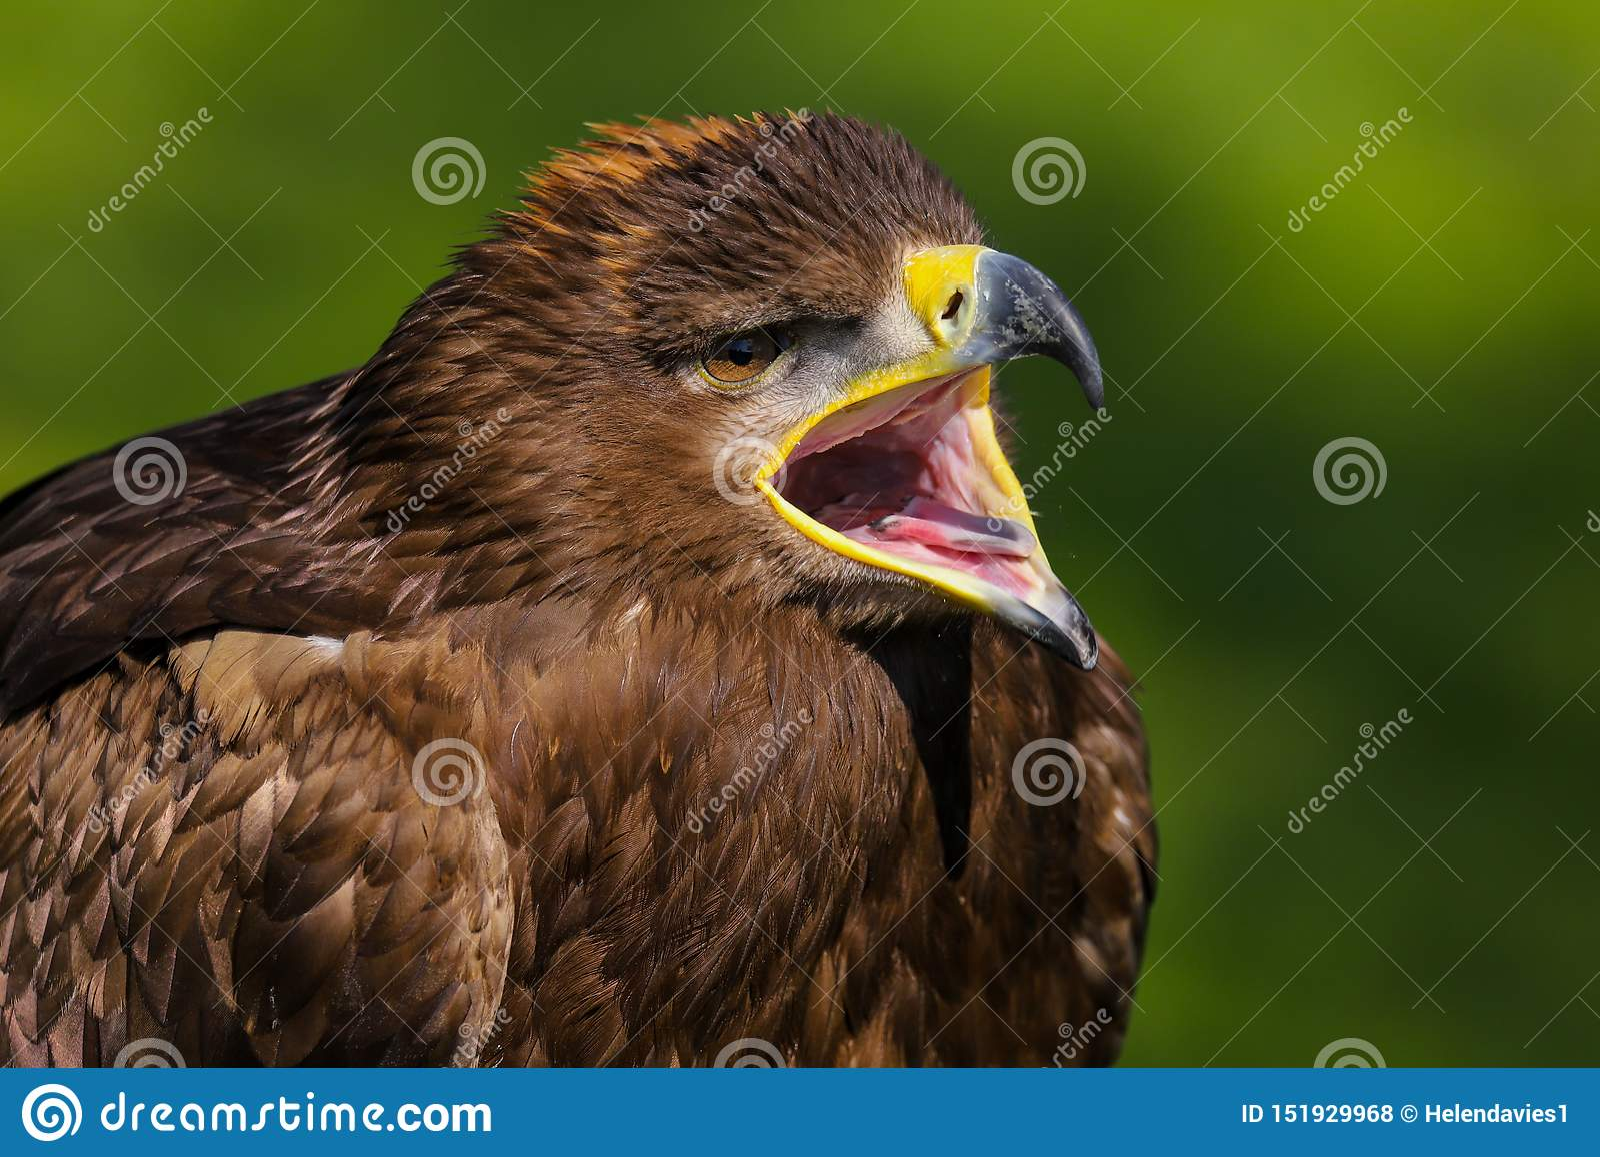 Pássaro do nipalensis de Eagle aquila do estepe de rapina